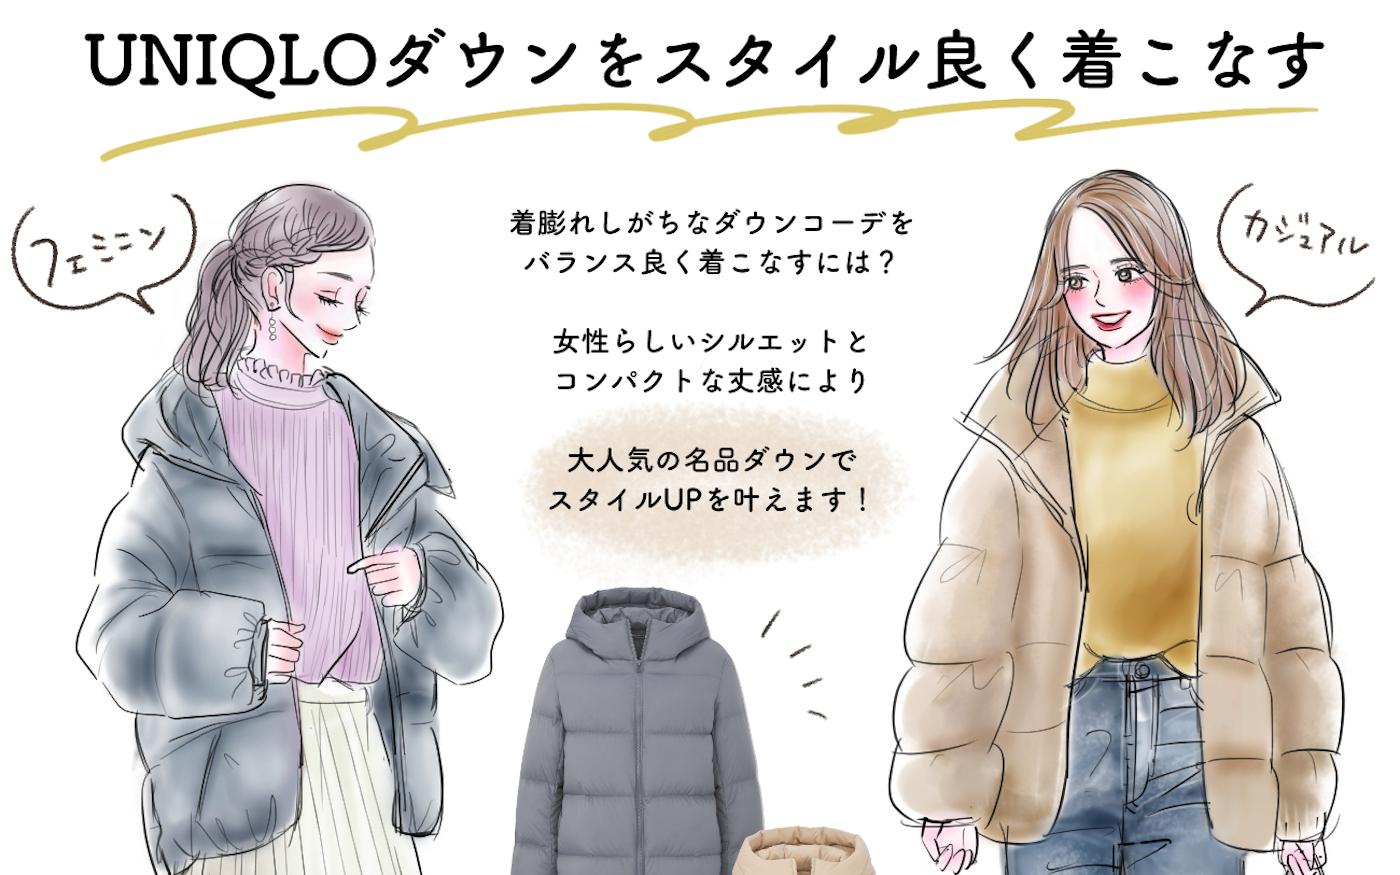 バランス良く着たいなら【UNIQLOダウン】! 暖かさもスタイルアップも叶えます♡